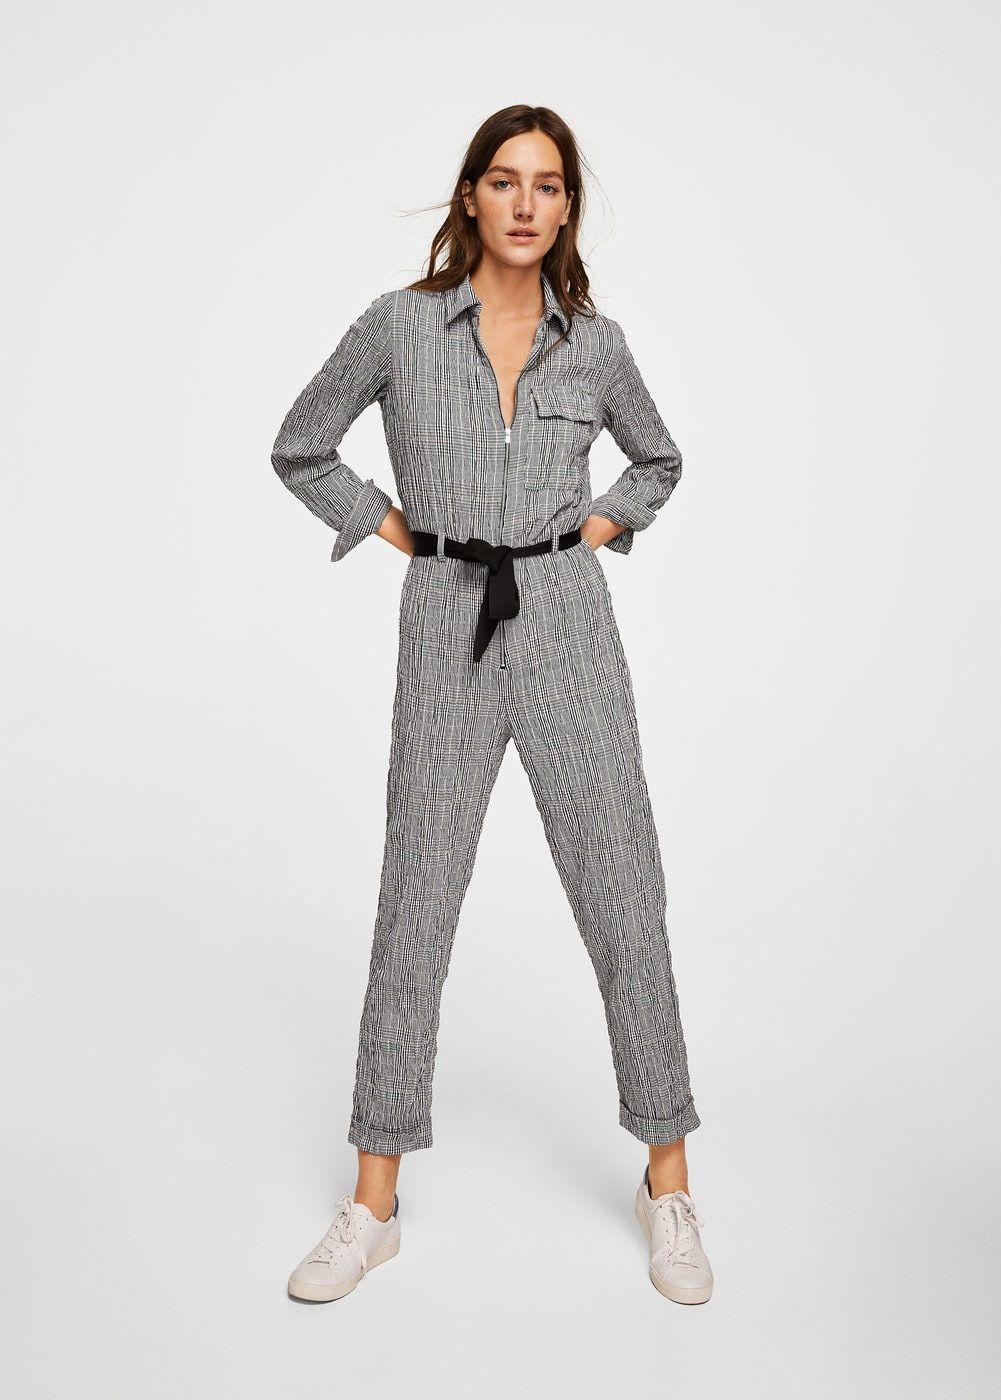 Combinaison à carreaux coton - Femme ba891c72f67